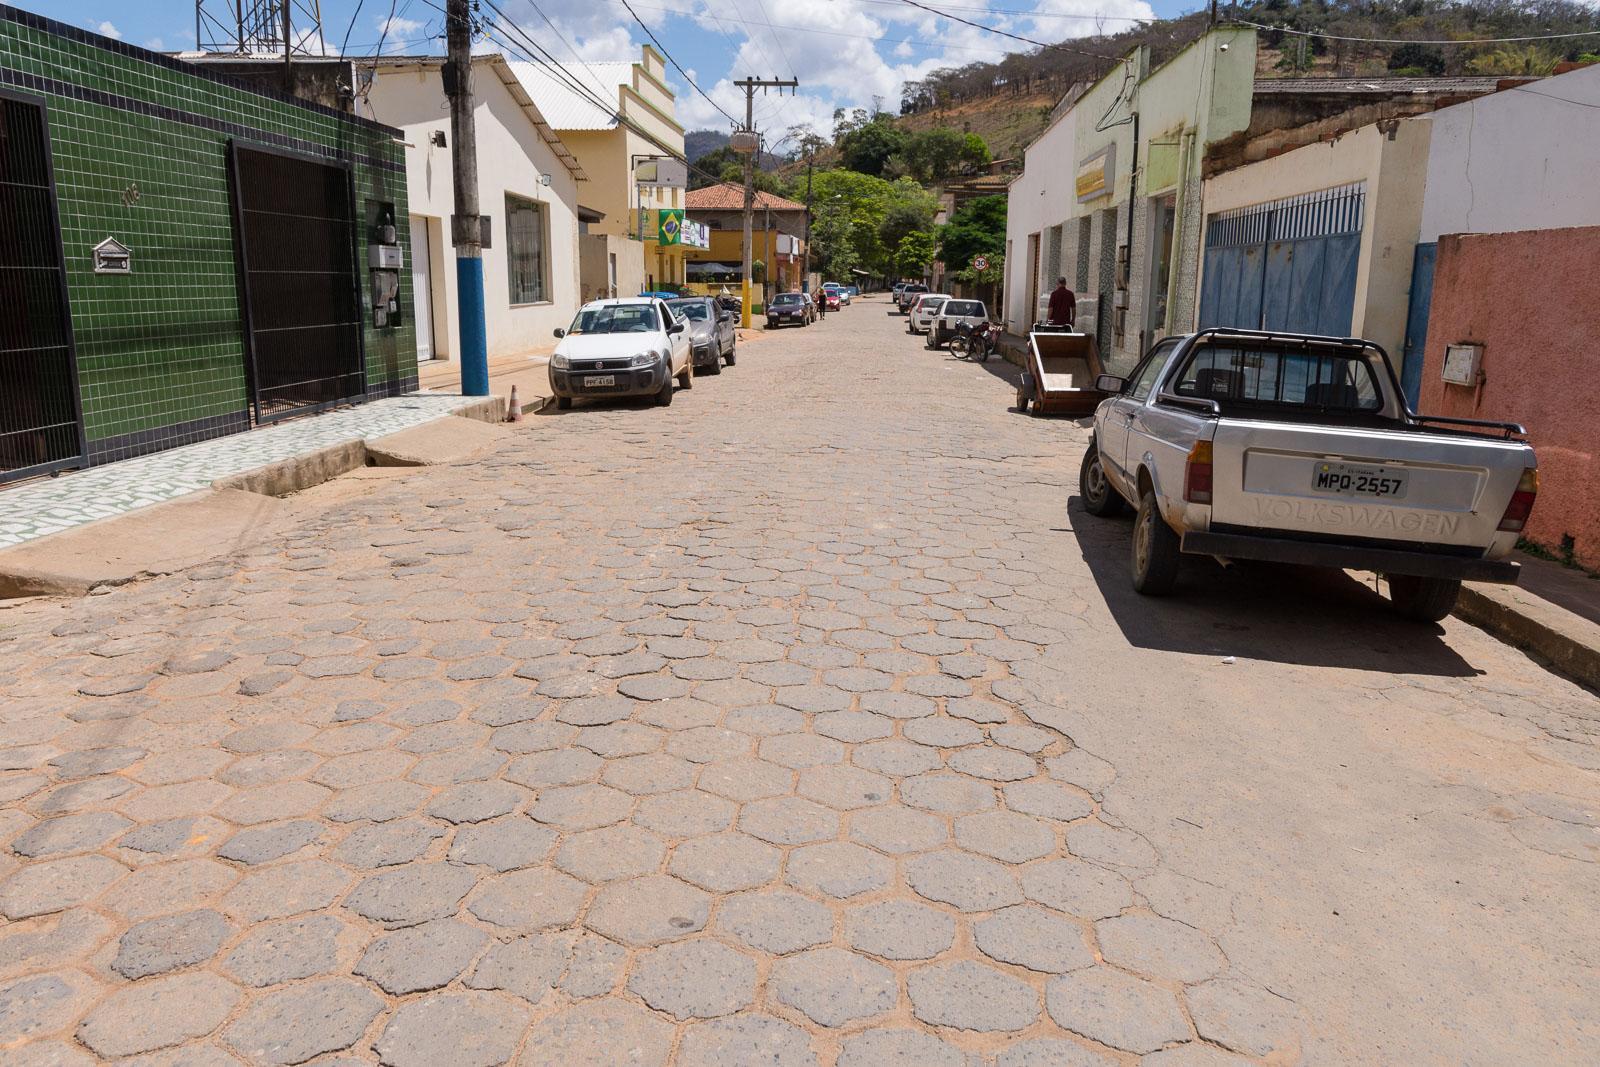 Rua Santos Venturini receberá novo calçamento, trânsito será interditado no local durante a obra